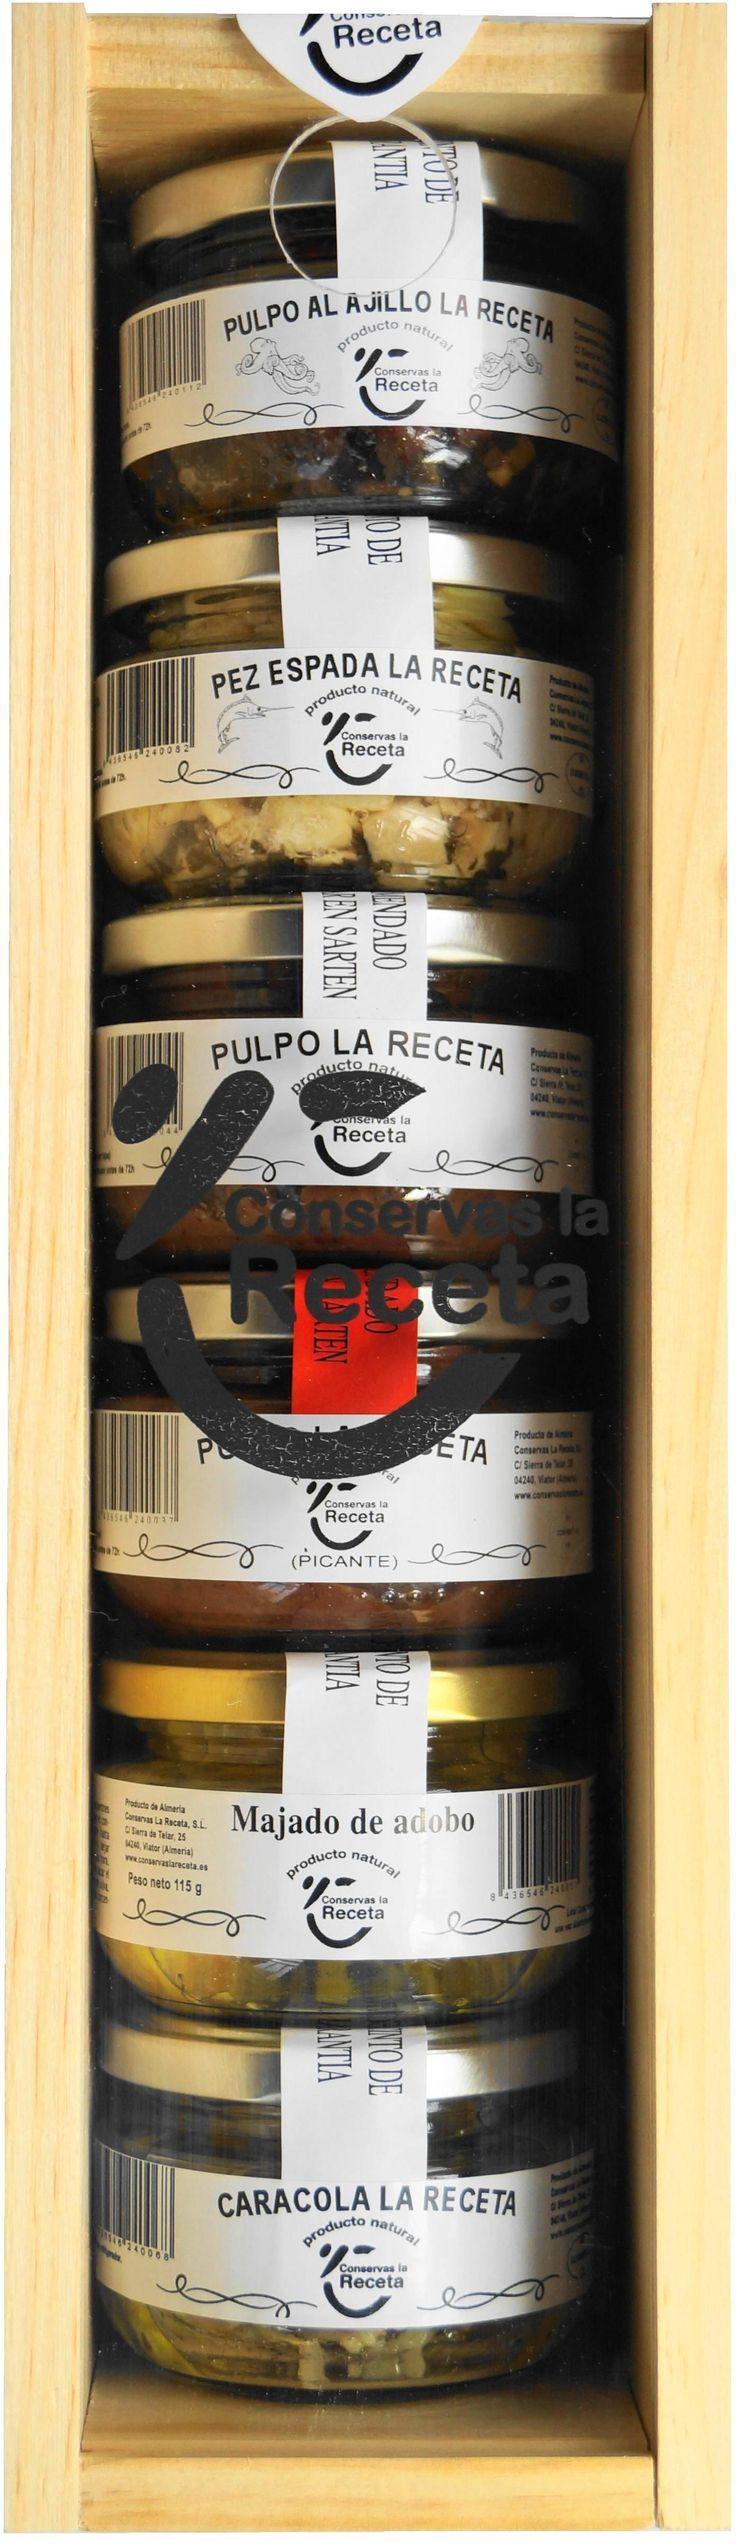 Lote La Receta - 125 gramos (6 unidades) €25